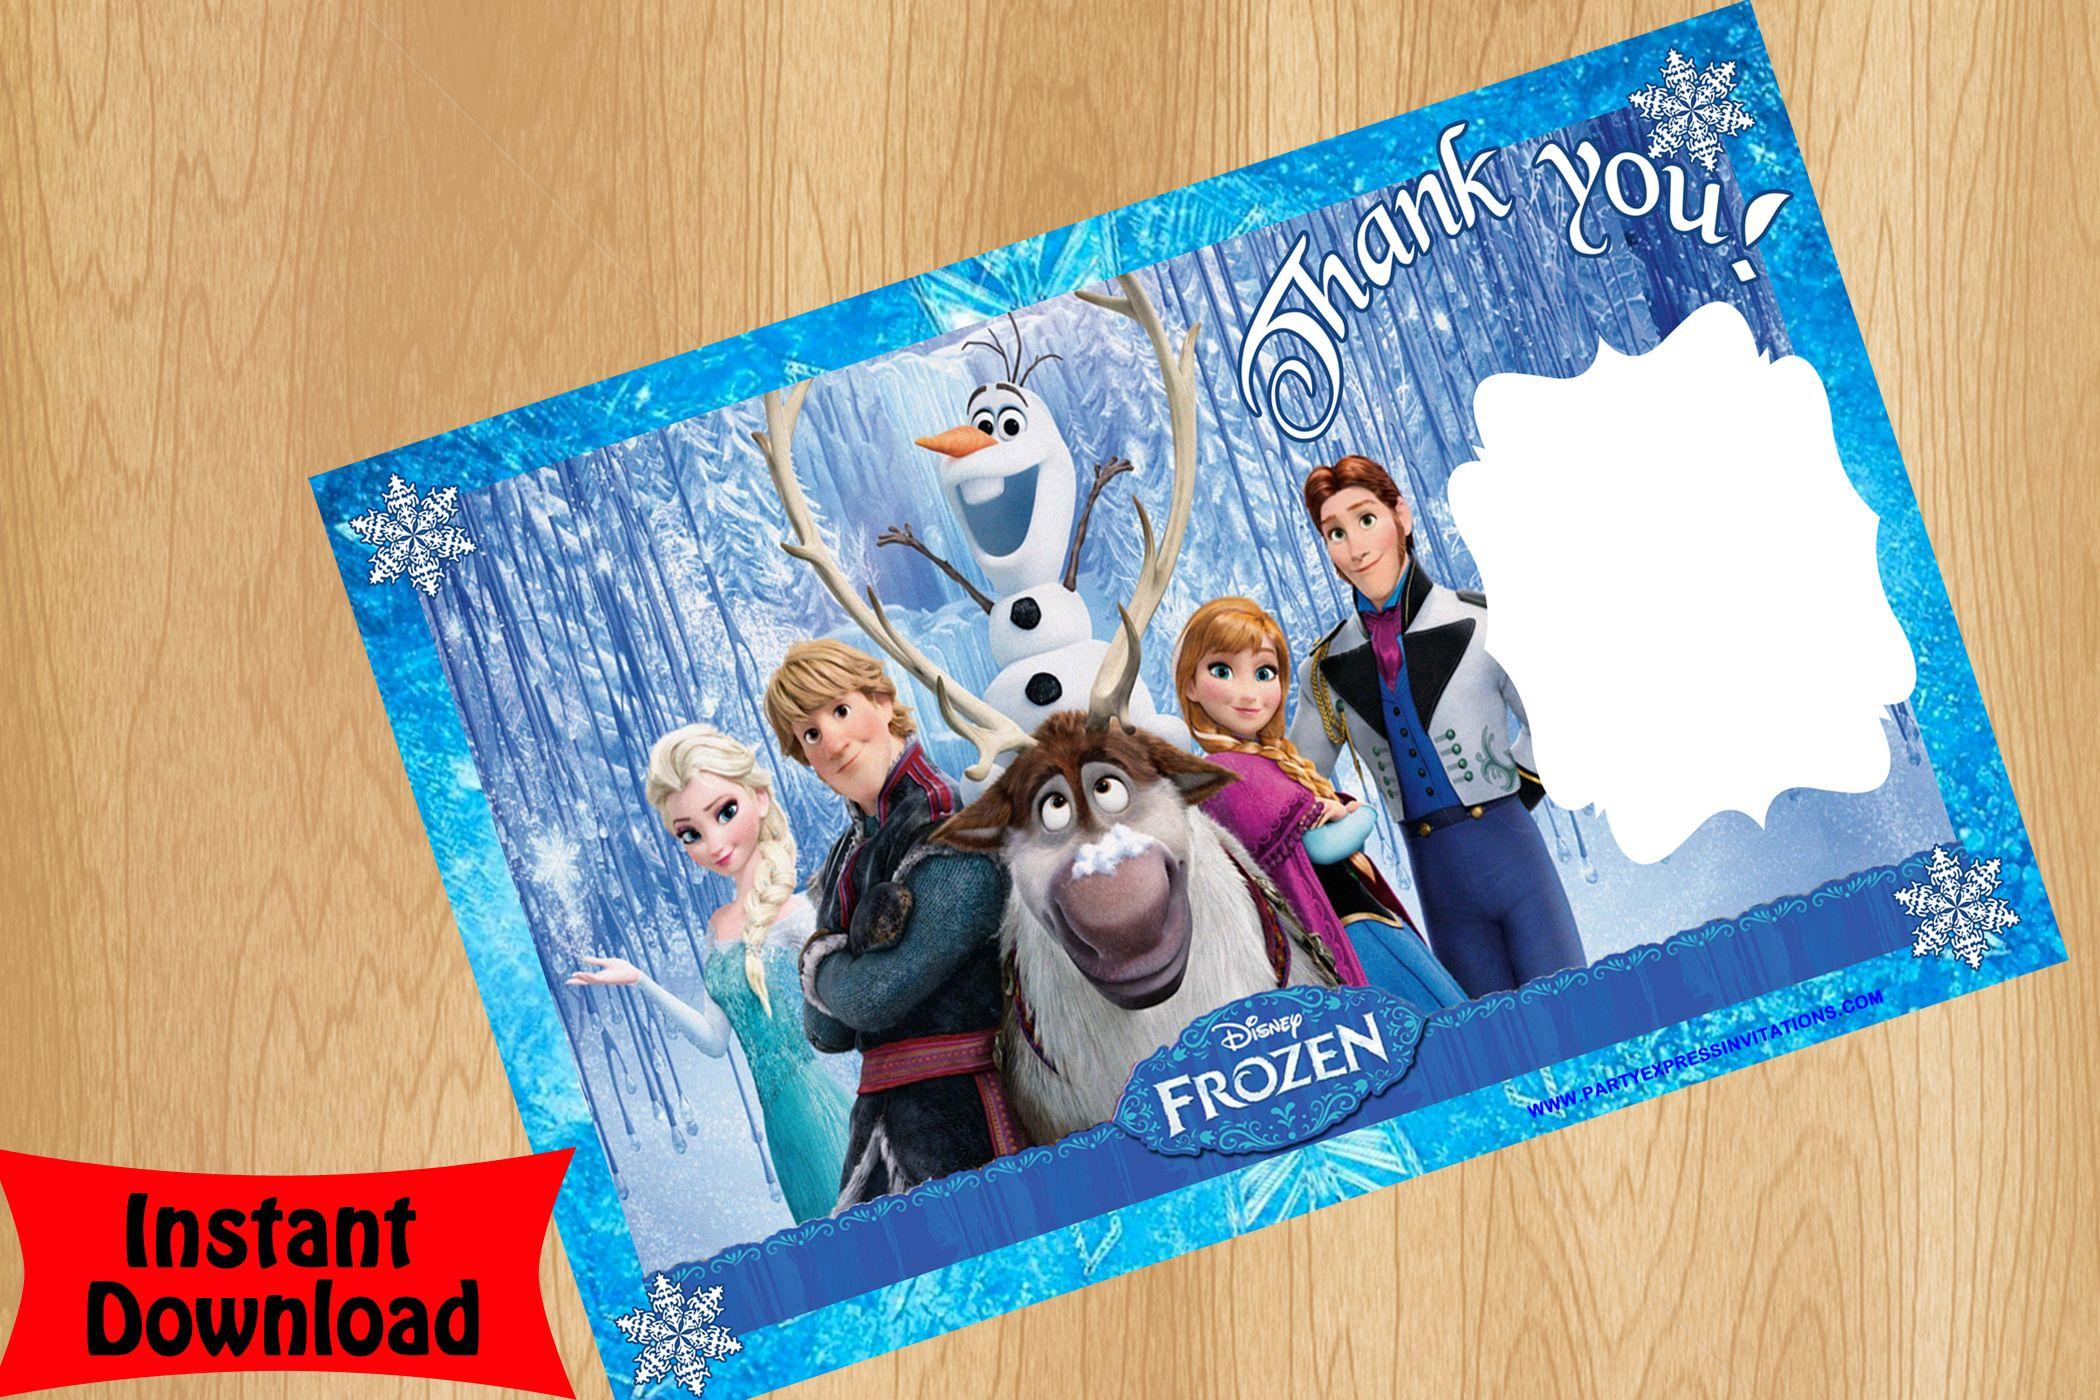 Disney Frozen Movie Thank you card   Disney Frozen Movie Birthday ...